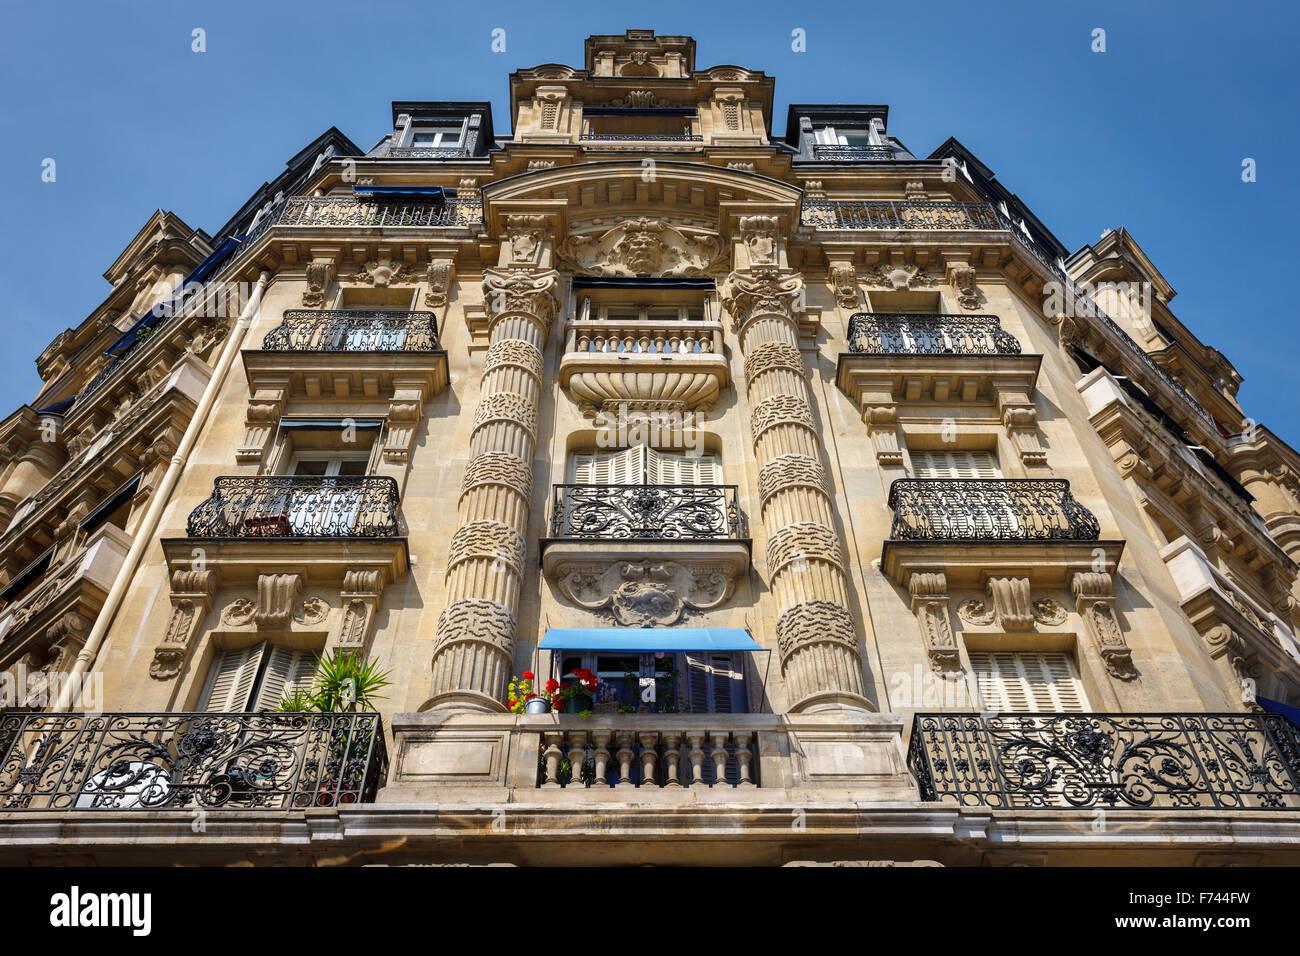 Paris: l'architecture façade haussmannienne et ornements dans le 12e arrondissement, rive droite Photo Stock